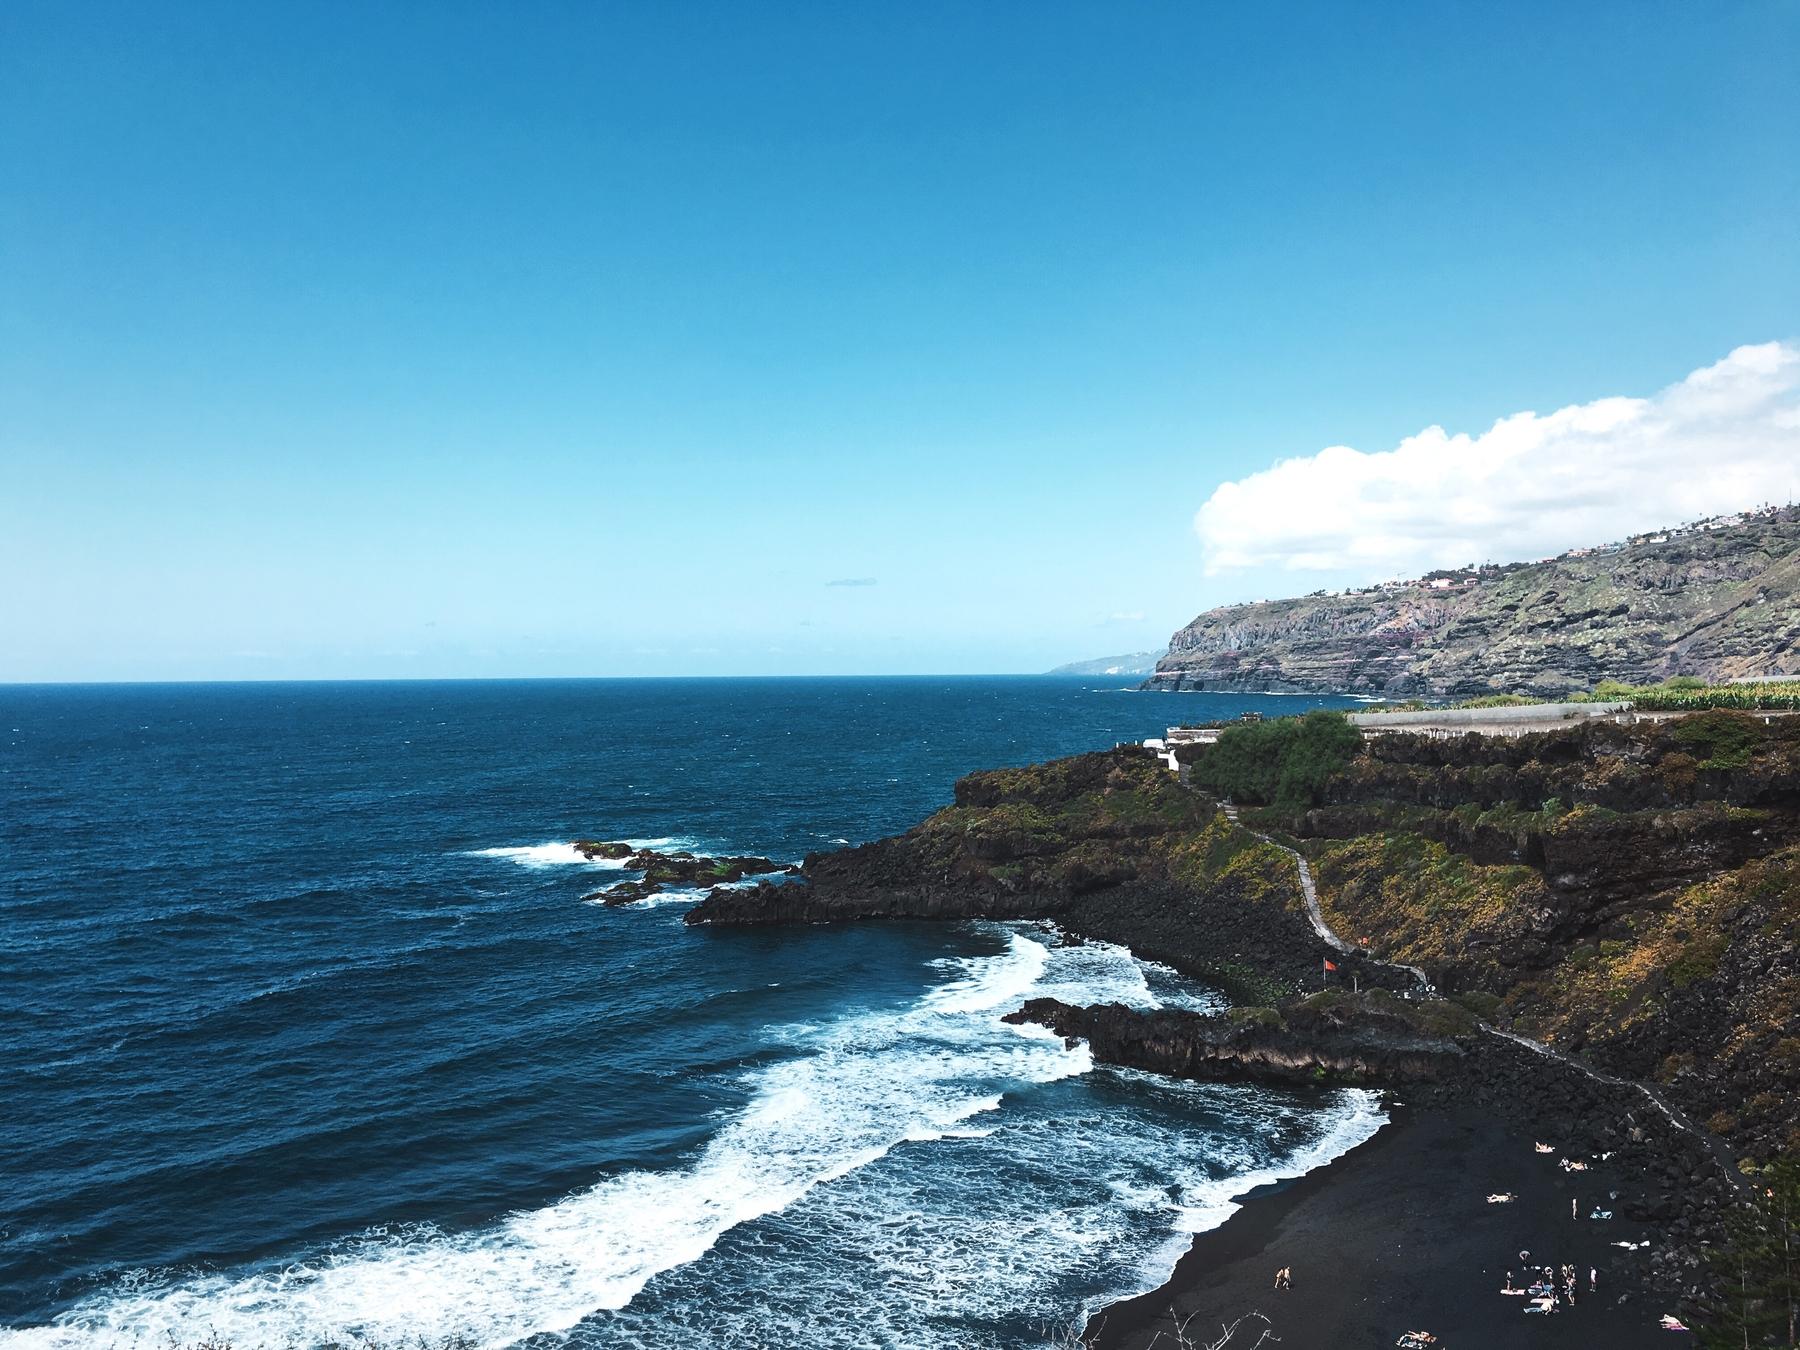 Spiagge di Tenerife: Benijo Tenerife